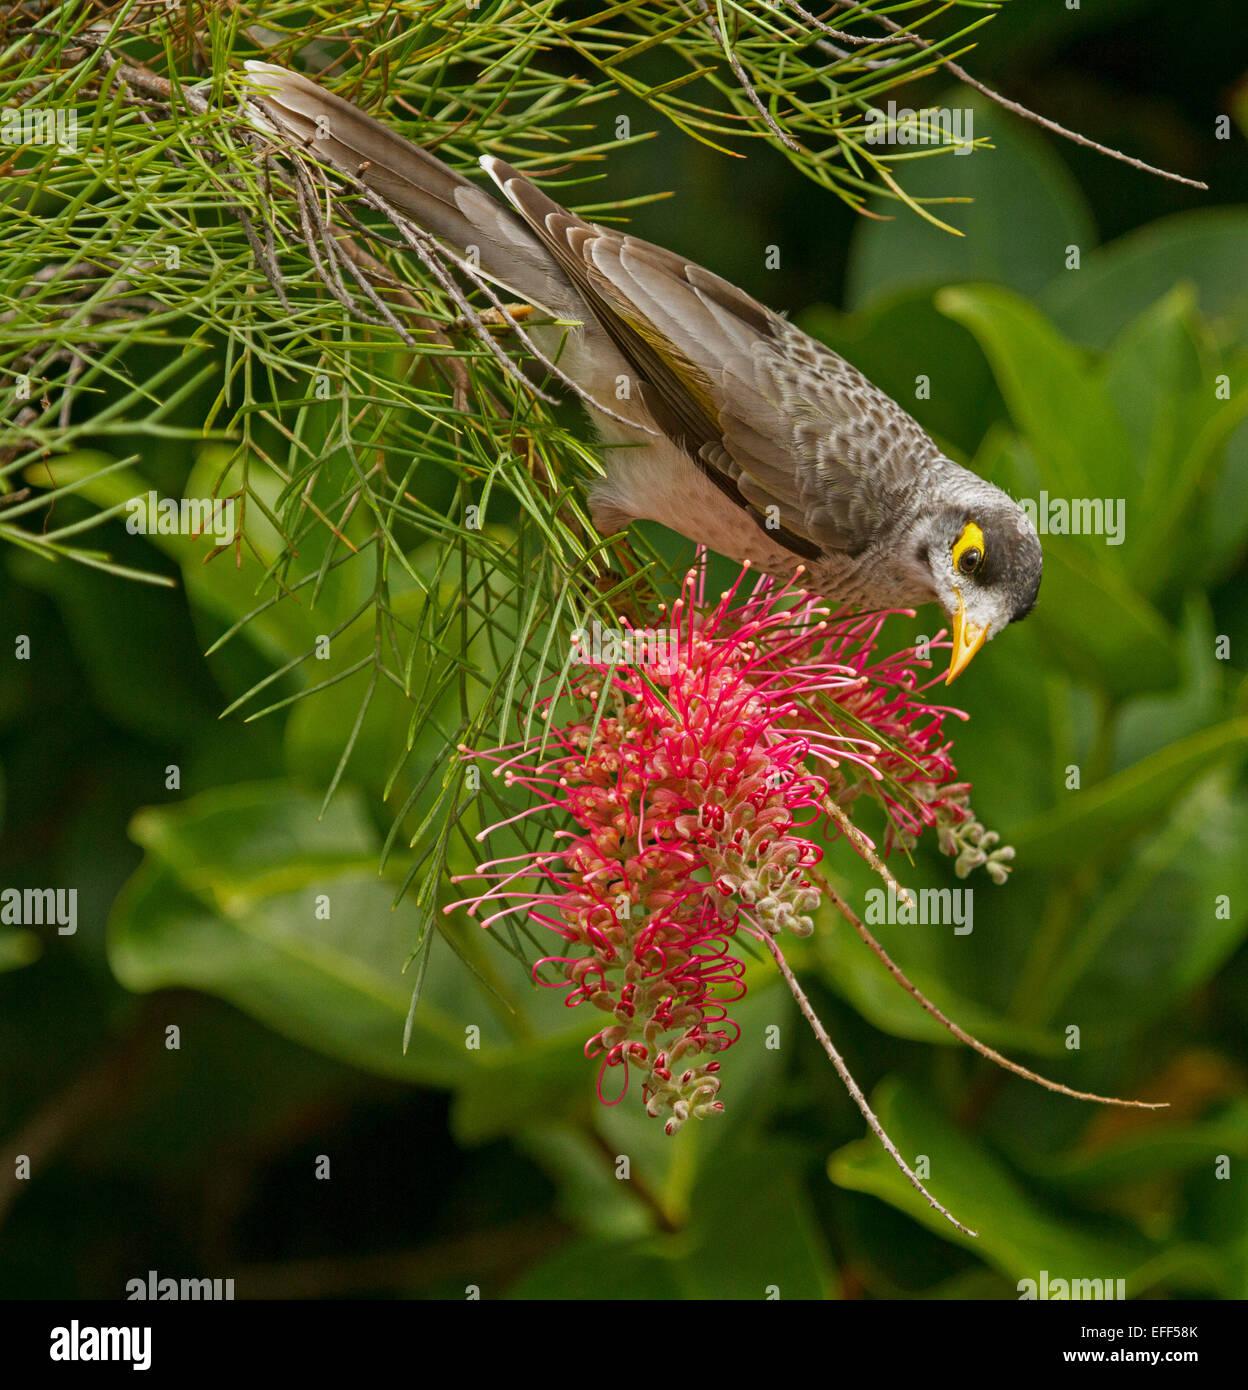 Australian Noisy miner bird, Manorina melanocephala alimentando il nettare di grevillea rosso fiore, sullo sfondo Immagini Stock